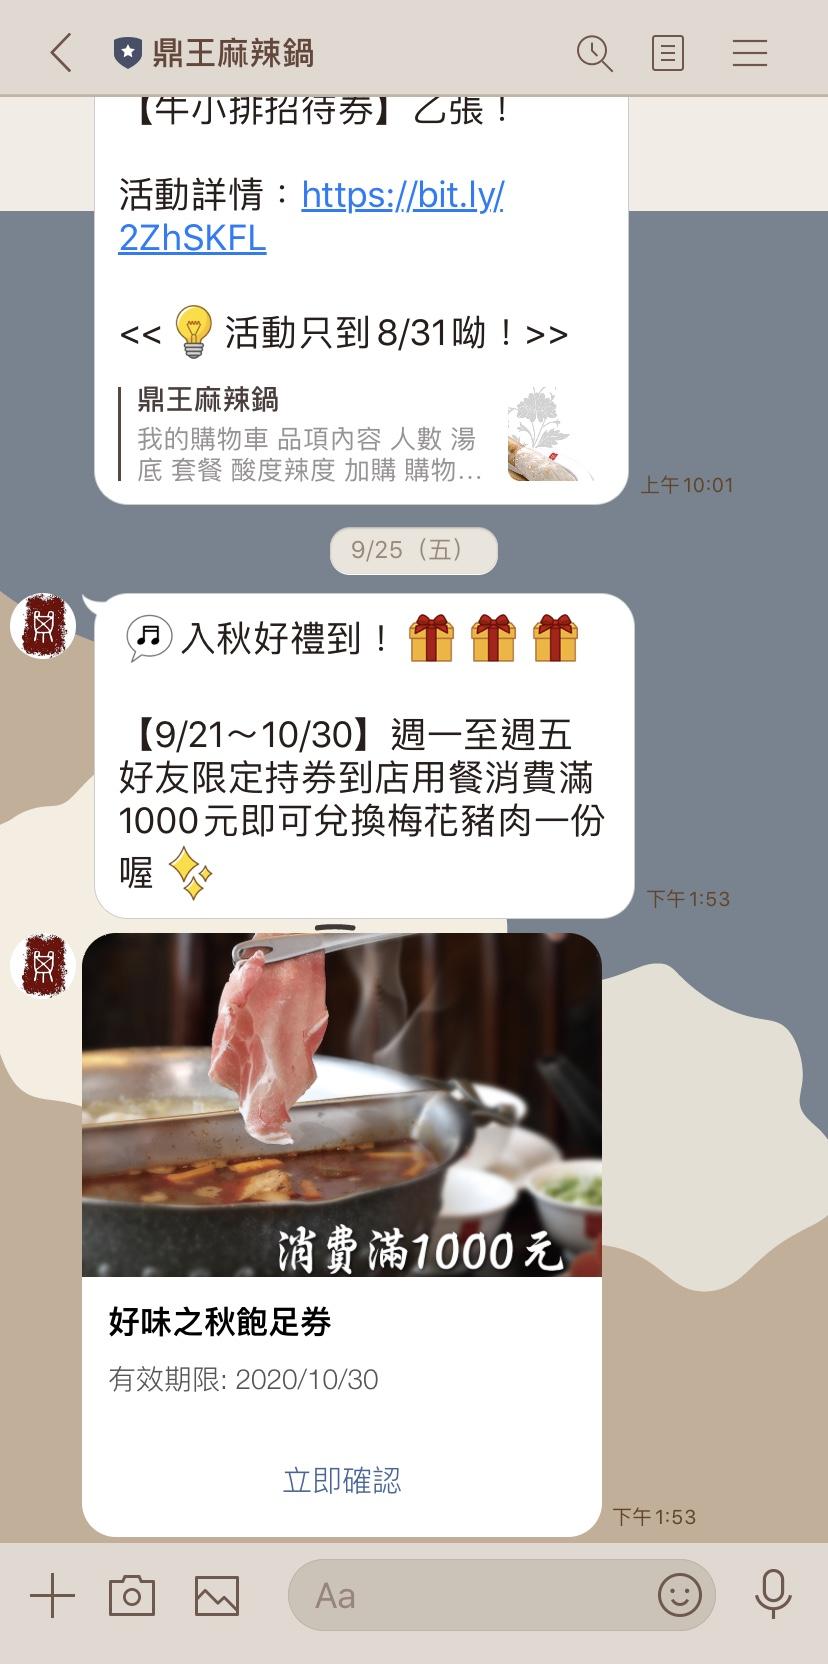 【台中北區】  鼎王麻辣鍋:豆腐鴨血無限續加~附各店資訊x最新菜單 @飛天璇的口袋